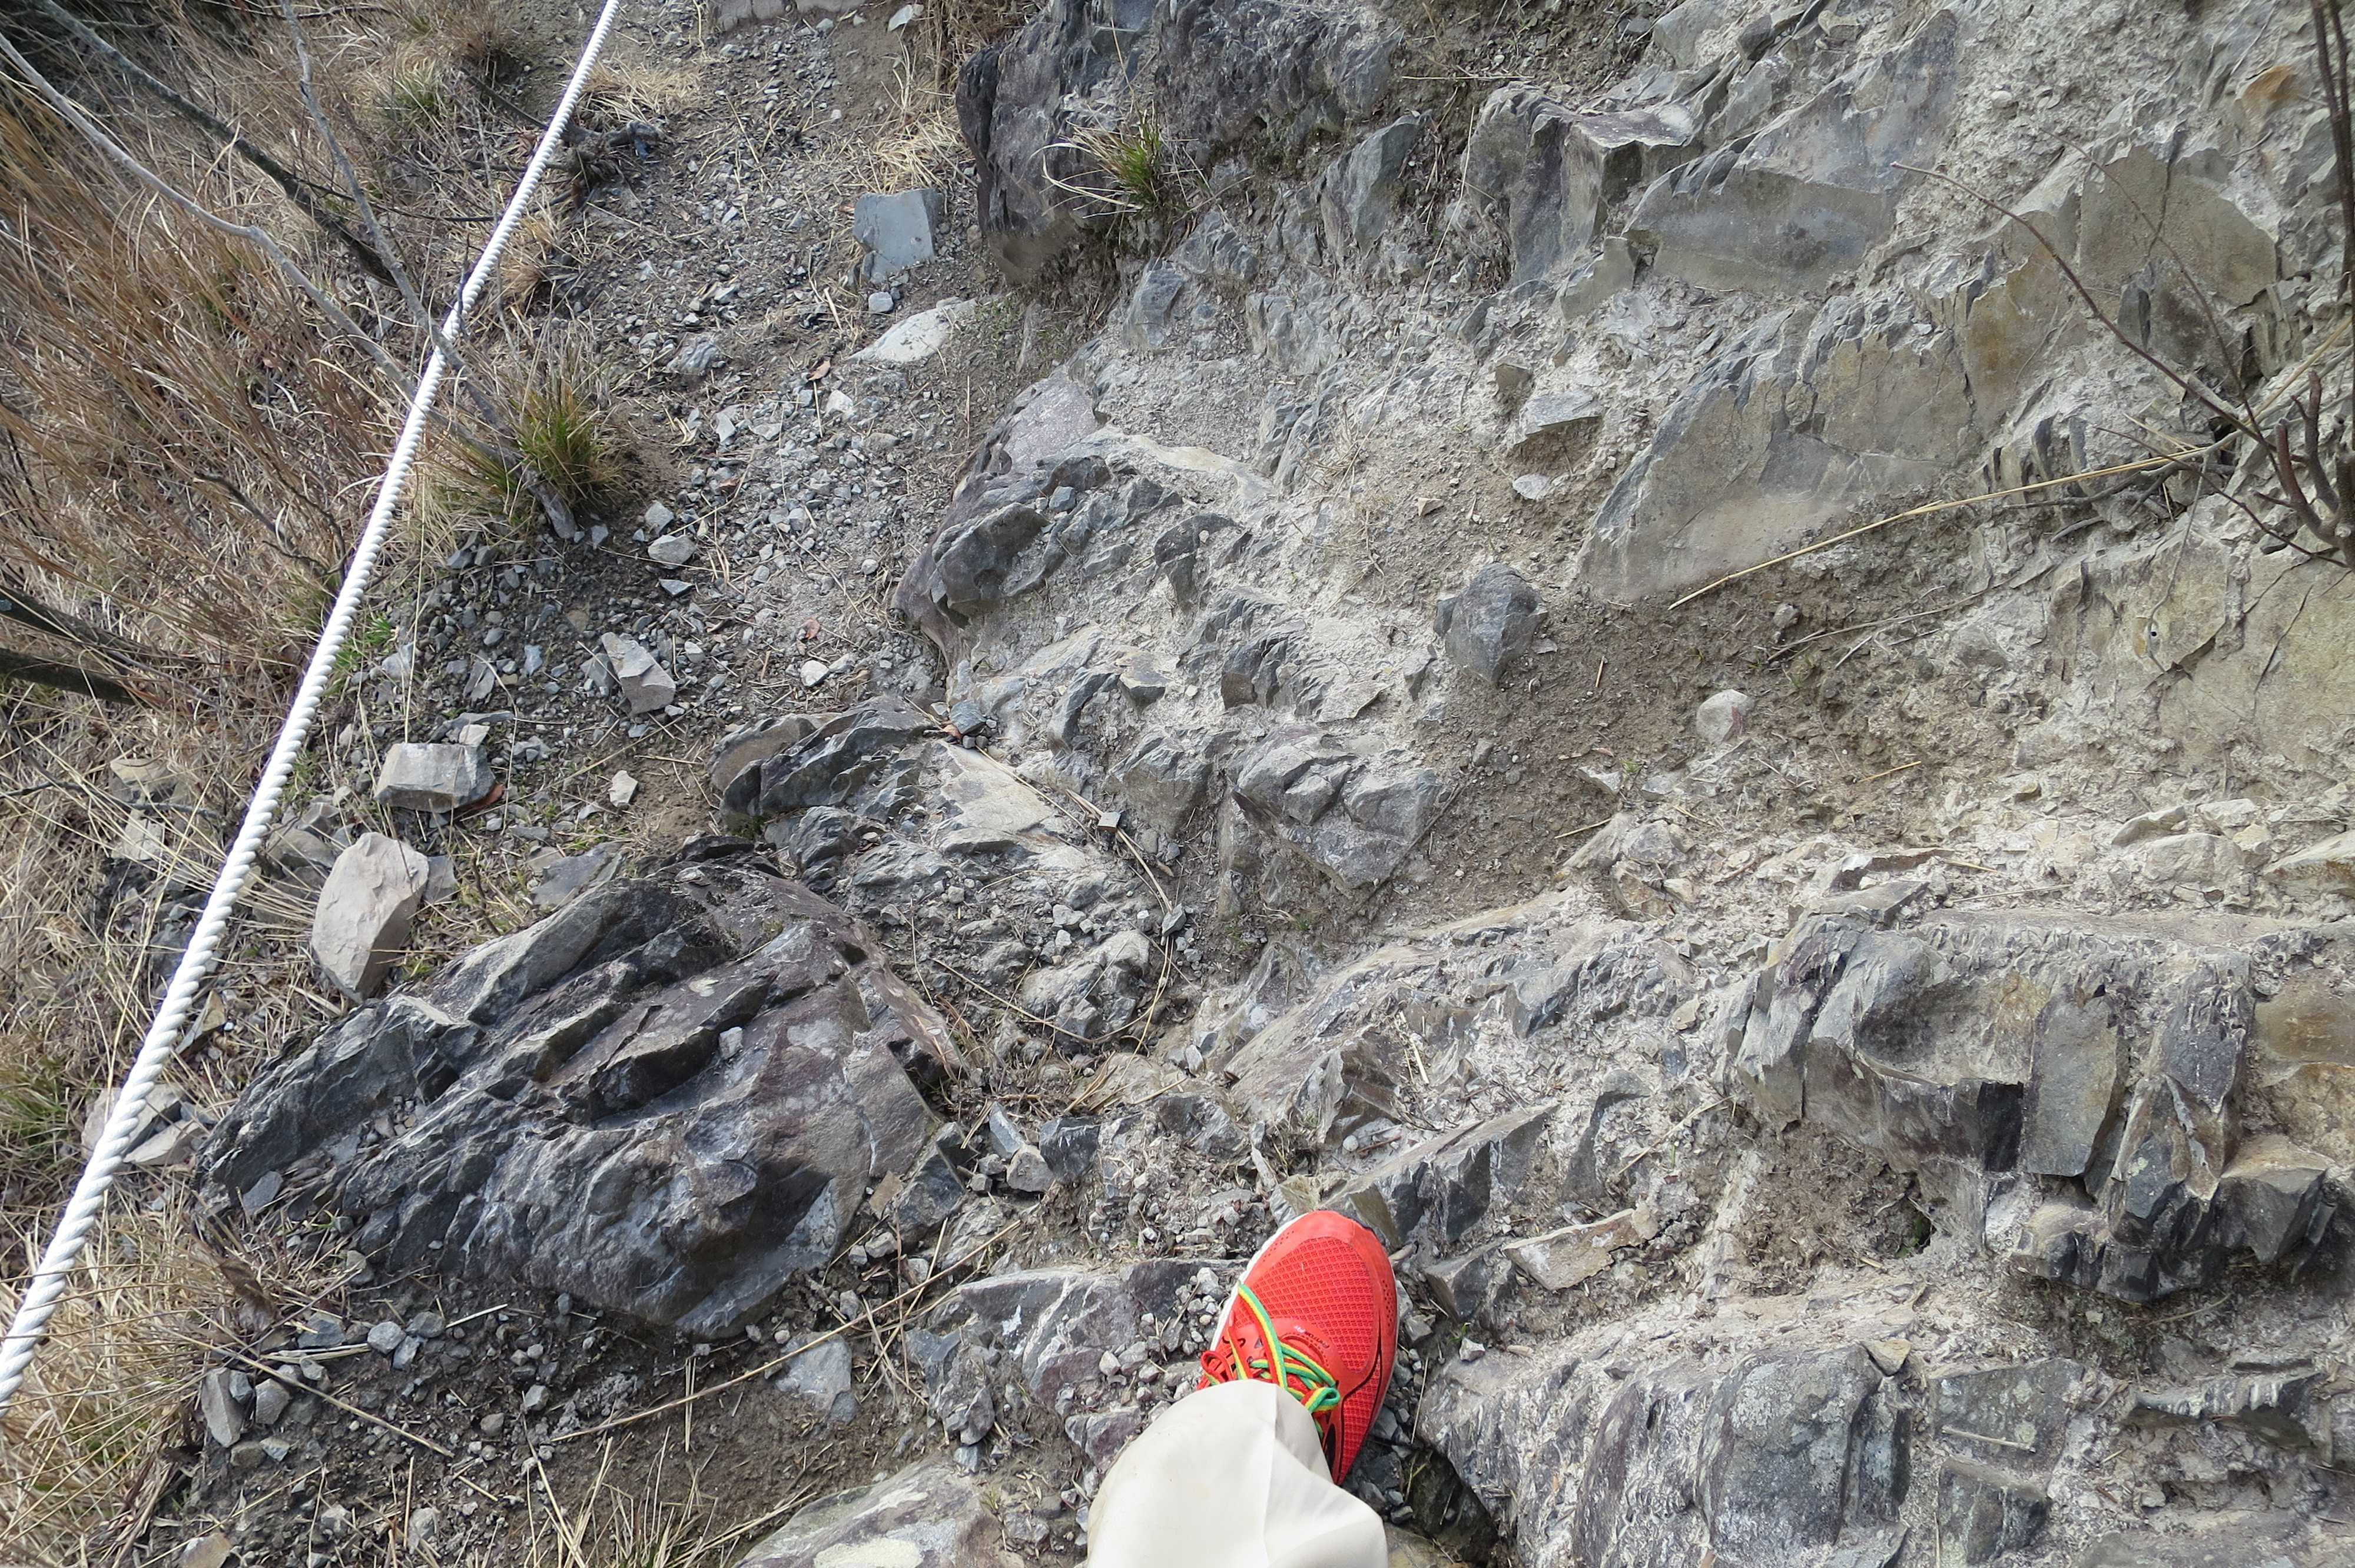 下りの岩場 - 奥の院捨身ヶ嶽禅定